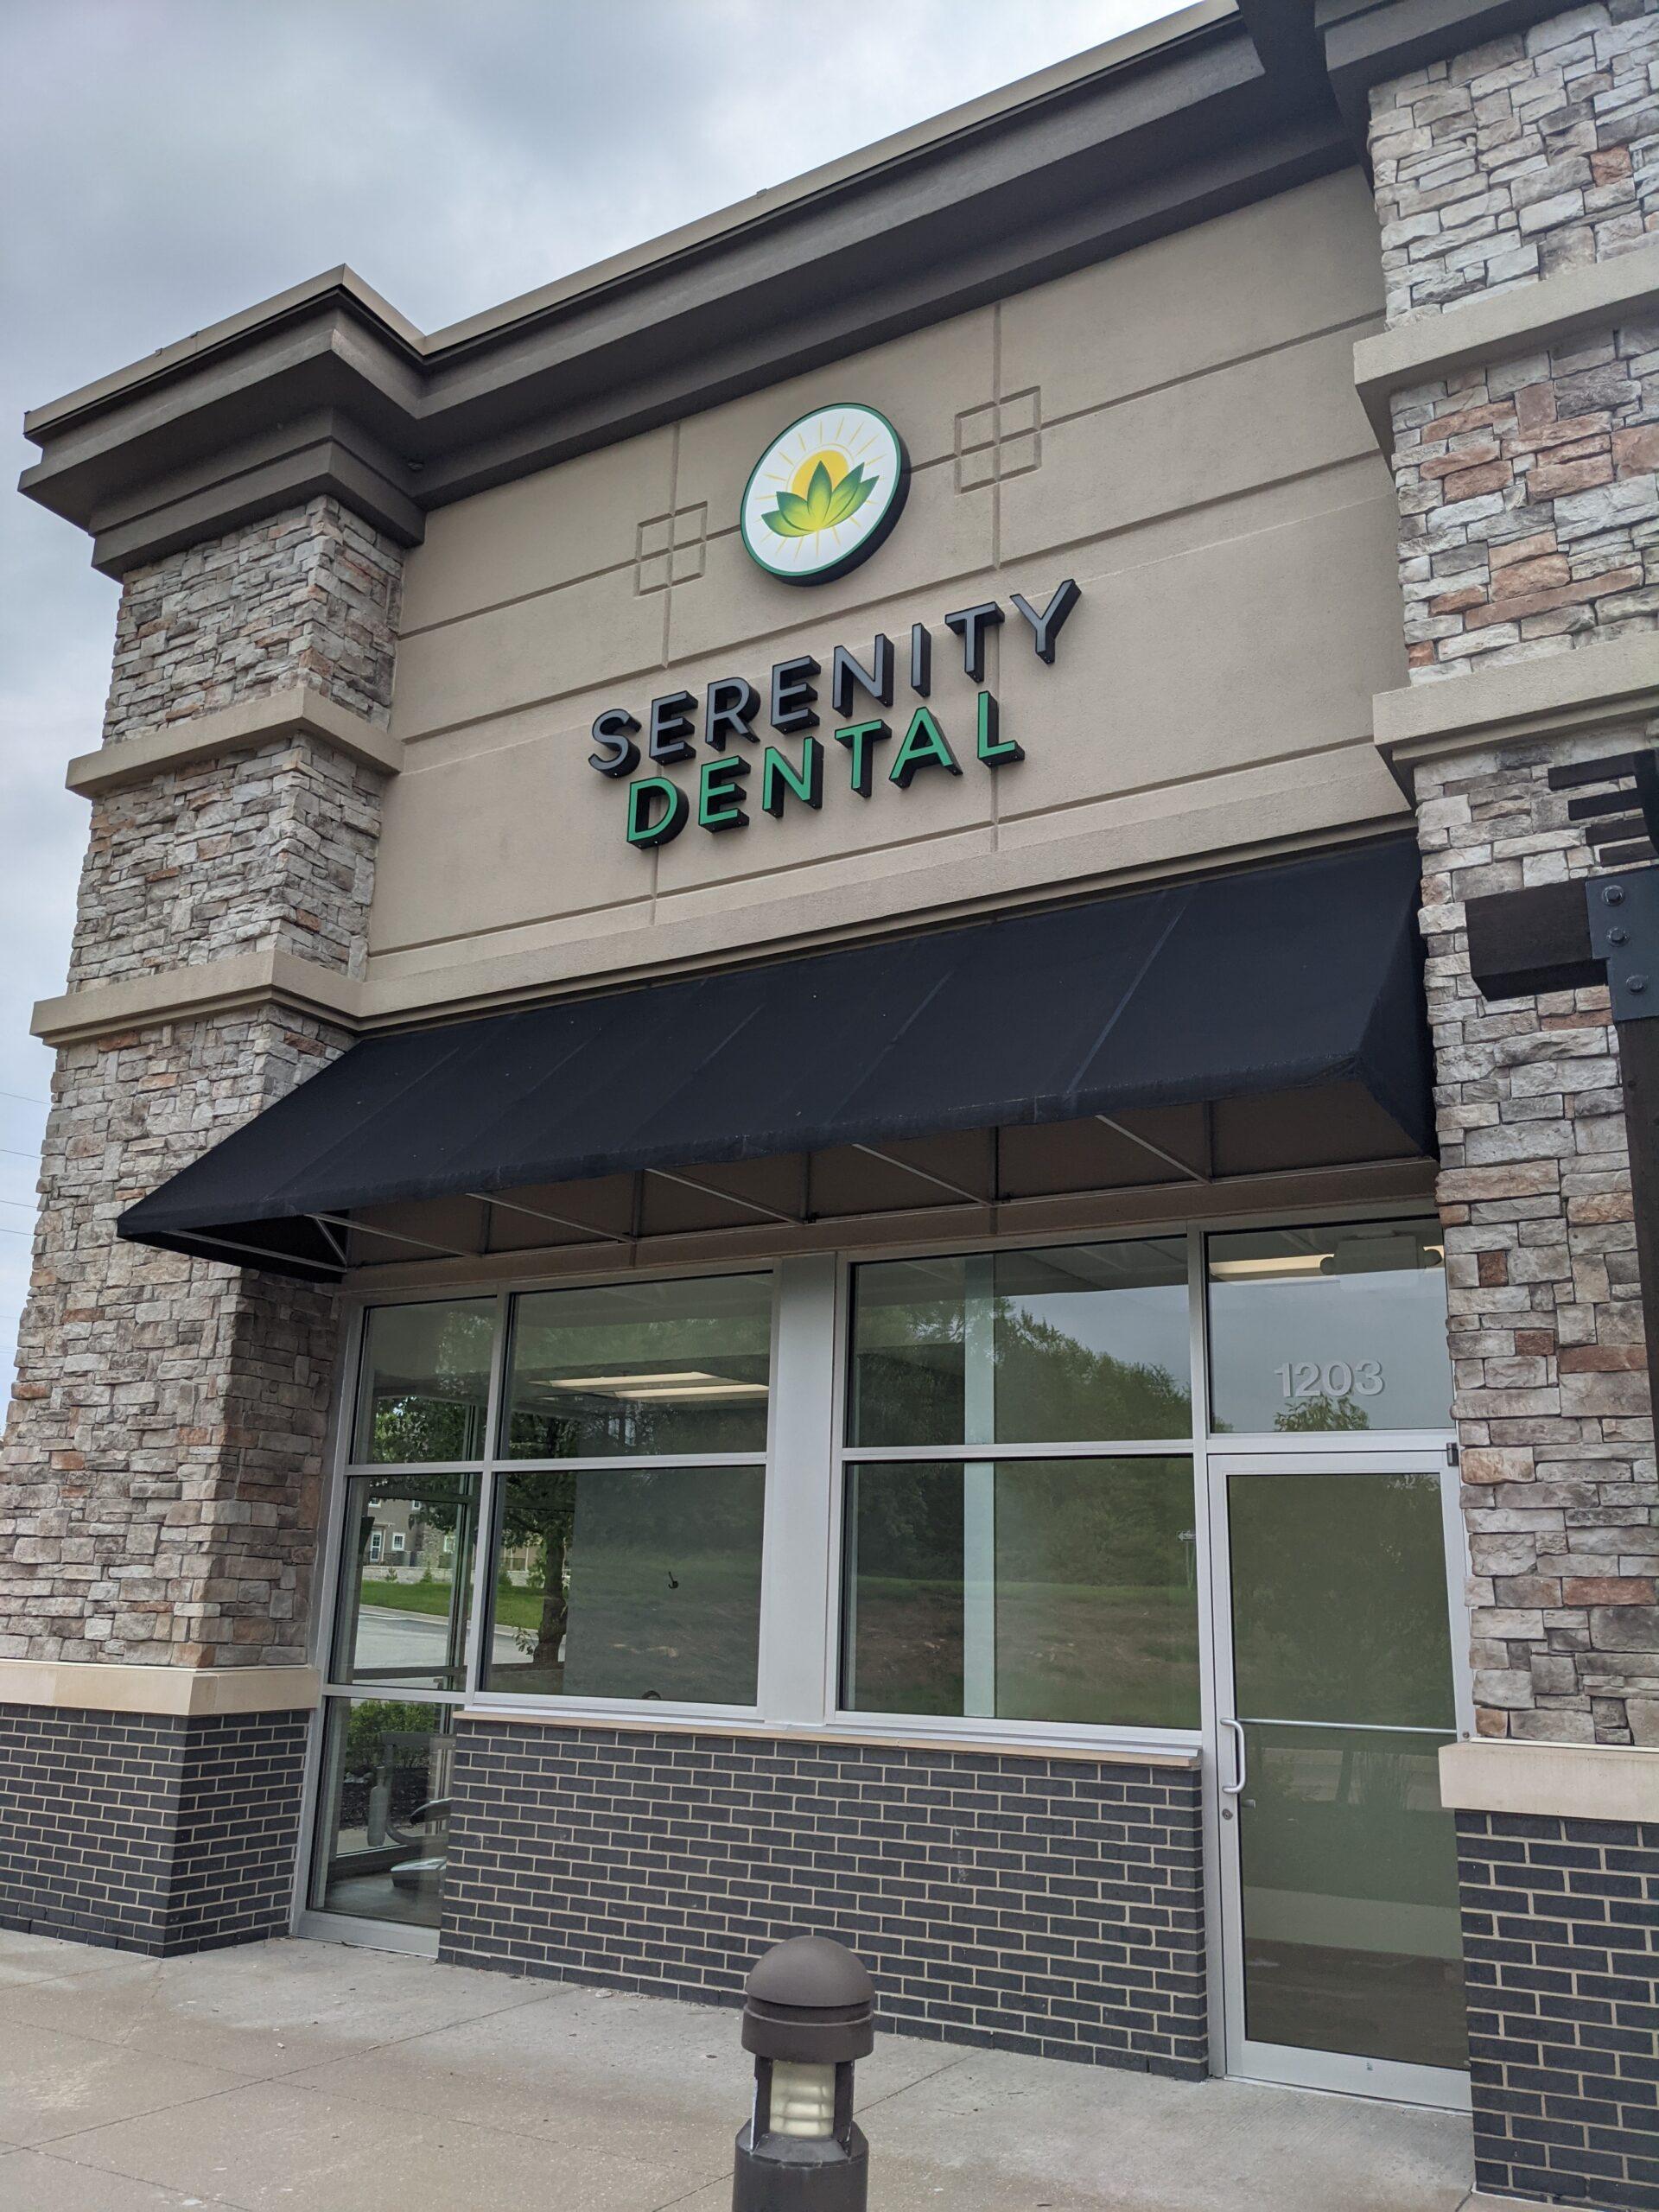 serenity dental sign